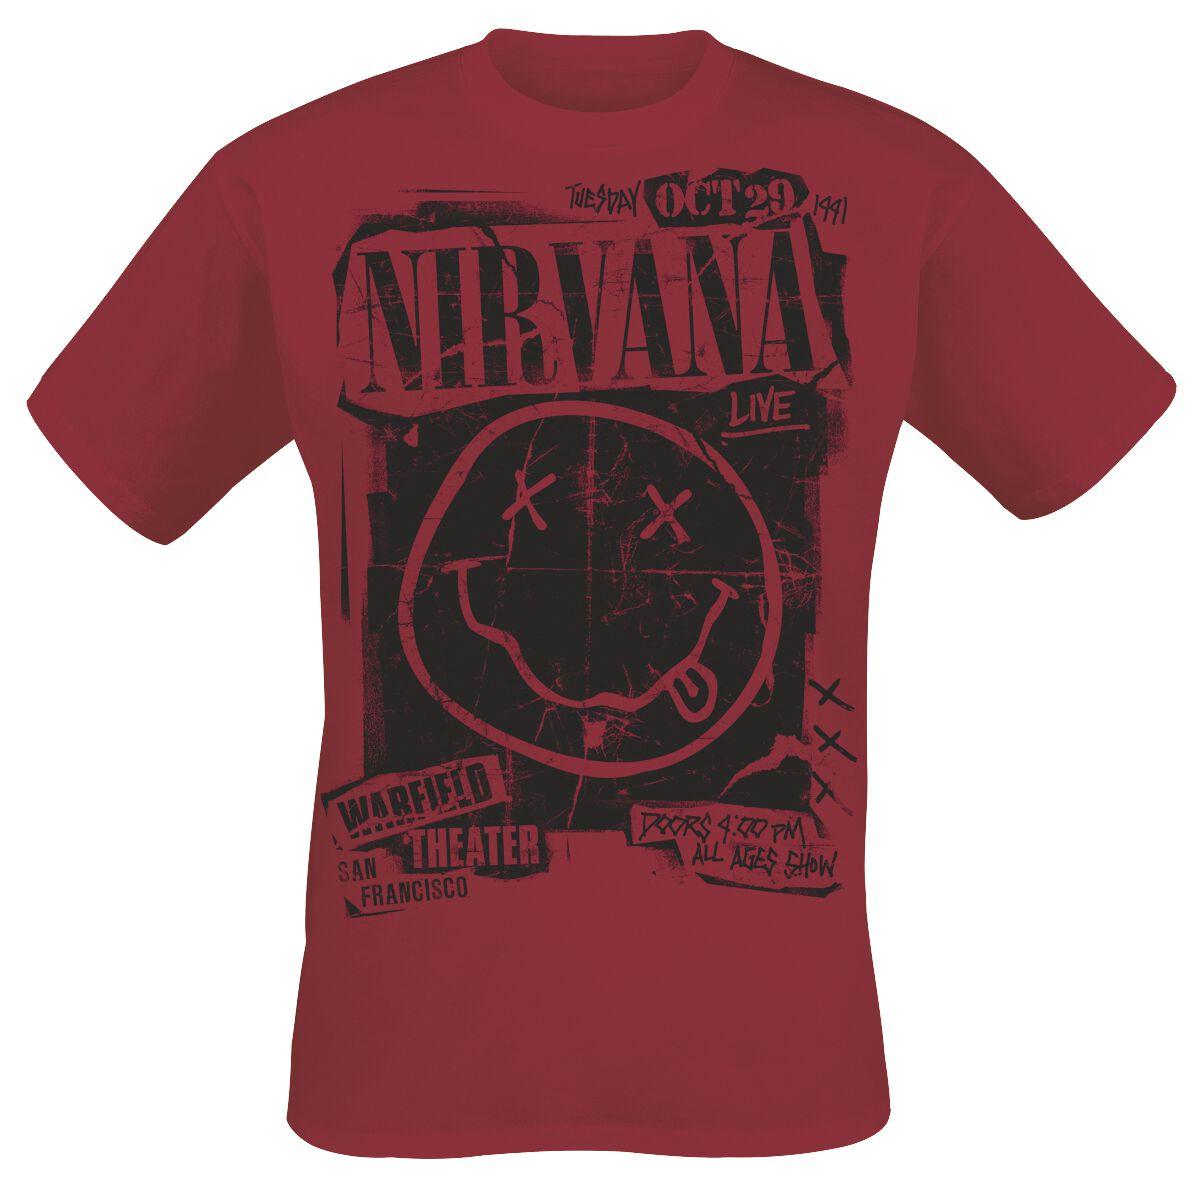 Zespoły - Koszulki - T-Shirt Nirvana Band Poster T-Shirt czerwony - 365217